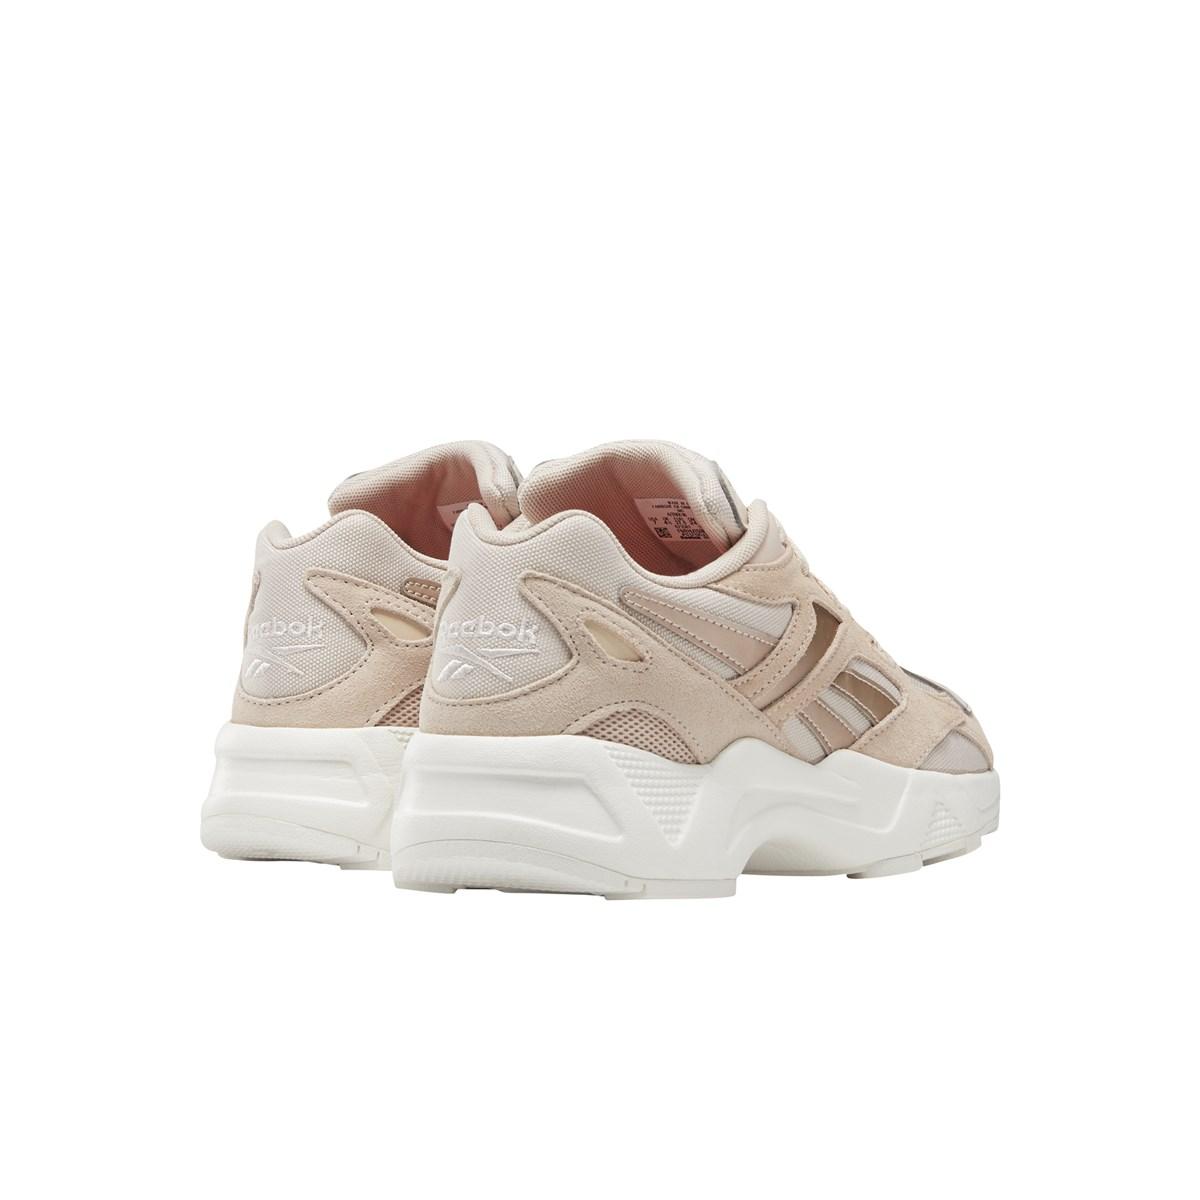 Aztrek 96 Kadın Pembe Spor Ayakkabı